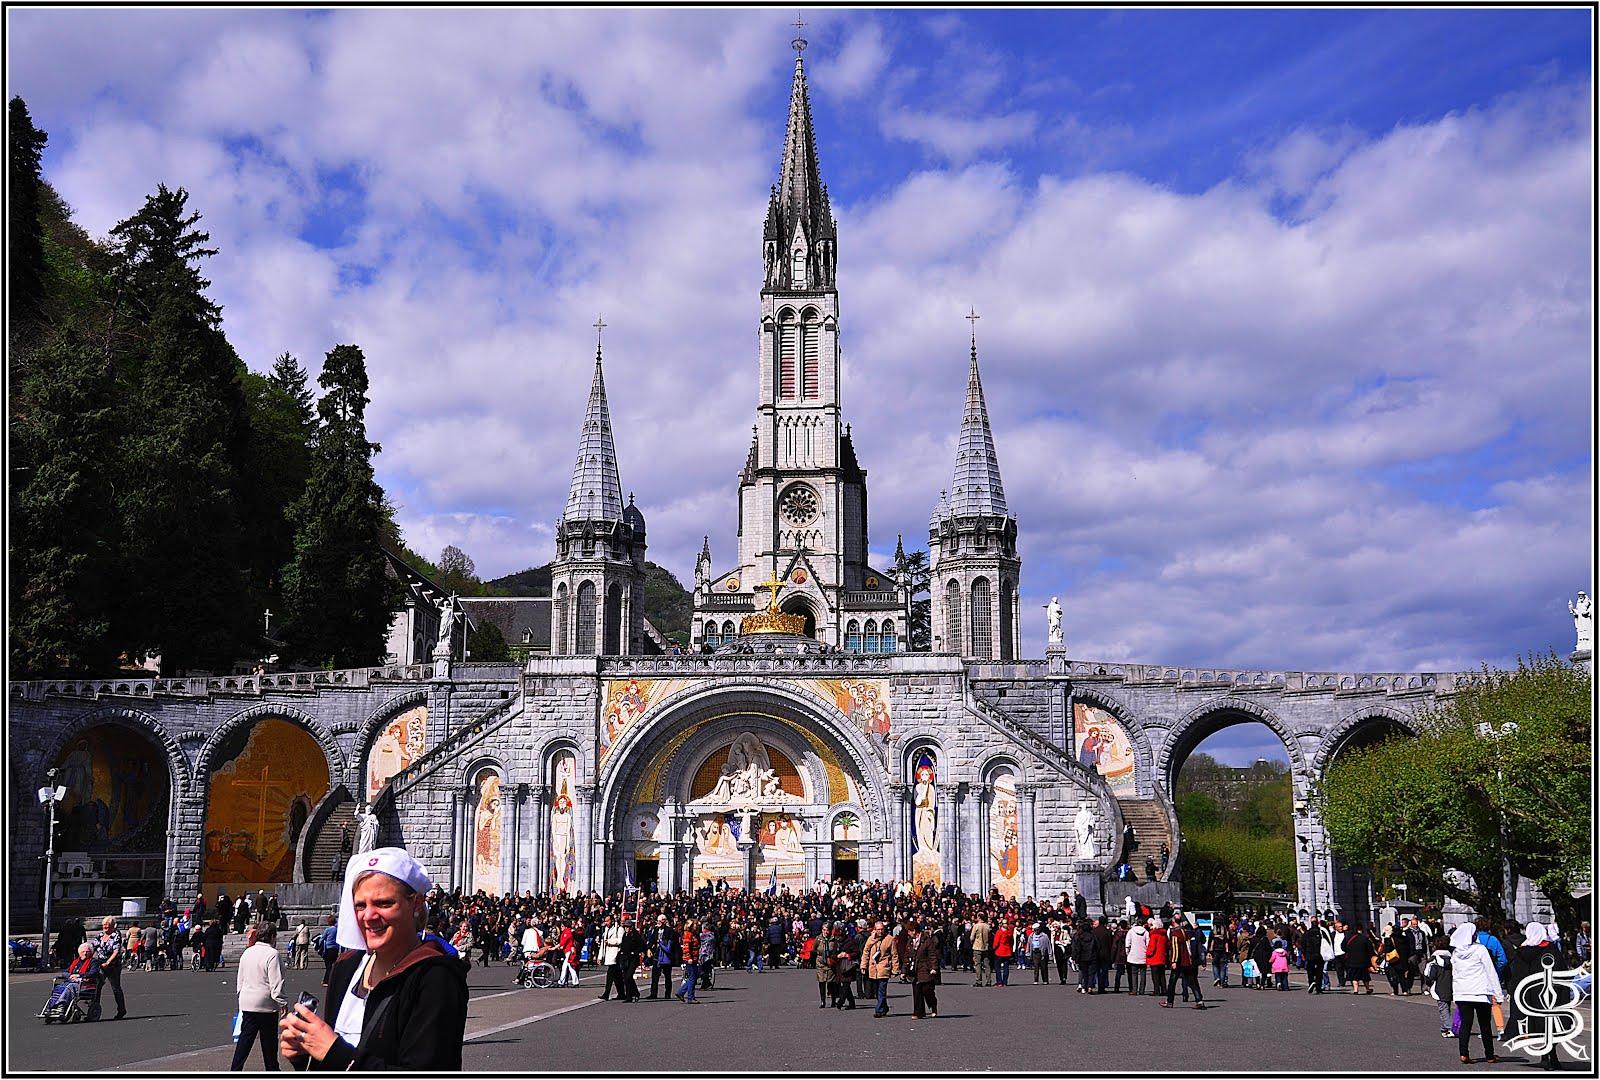 La Historia más Completa de Nuestra Señora de Lourdes, Francia (11 feb)